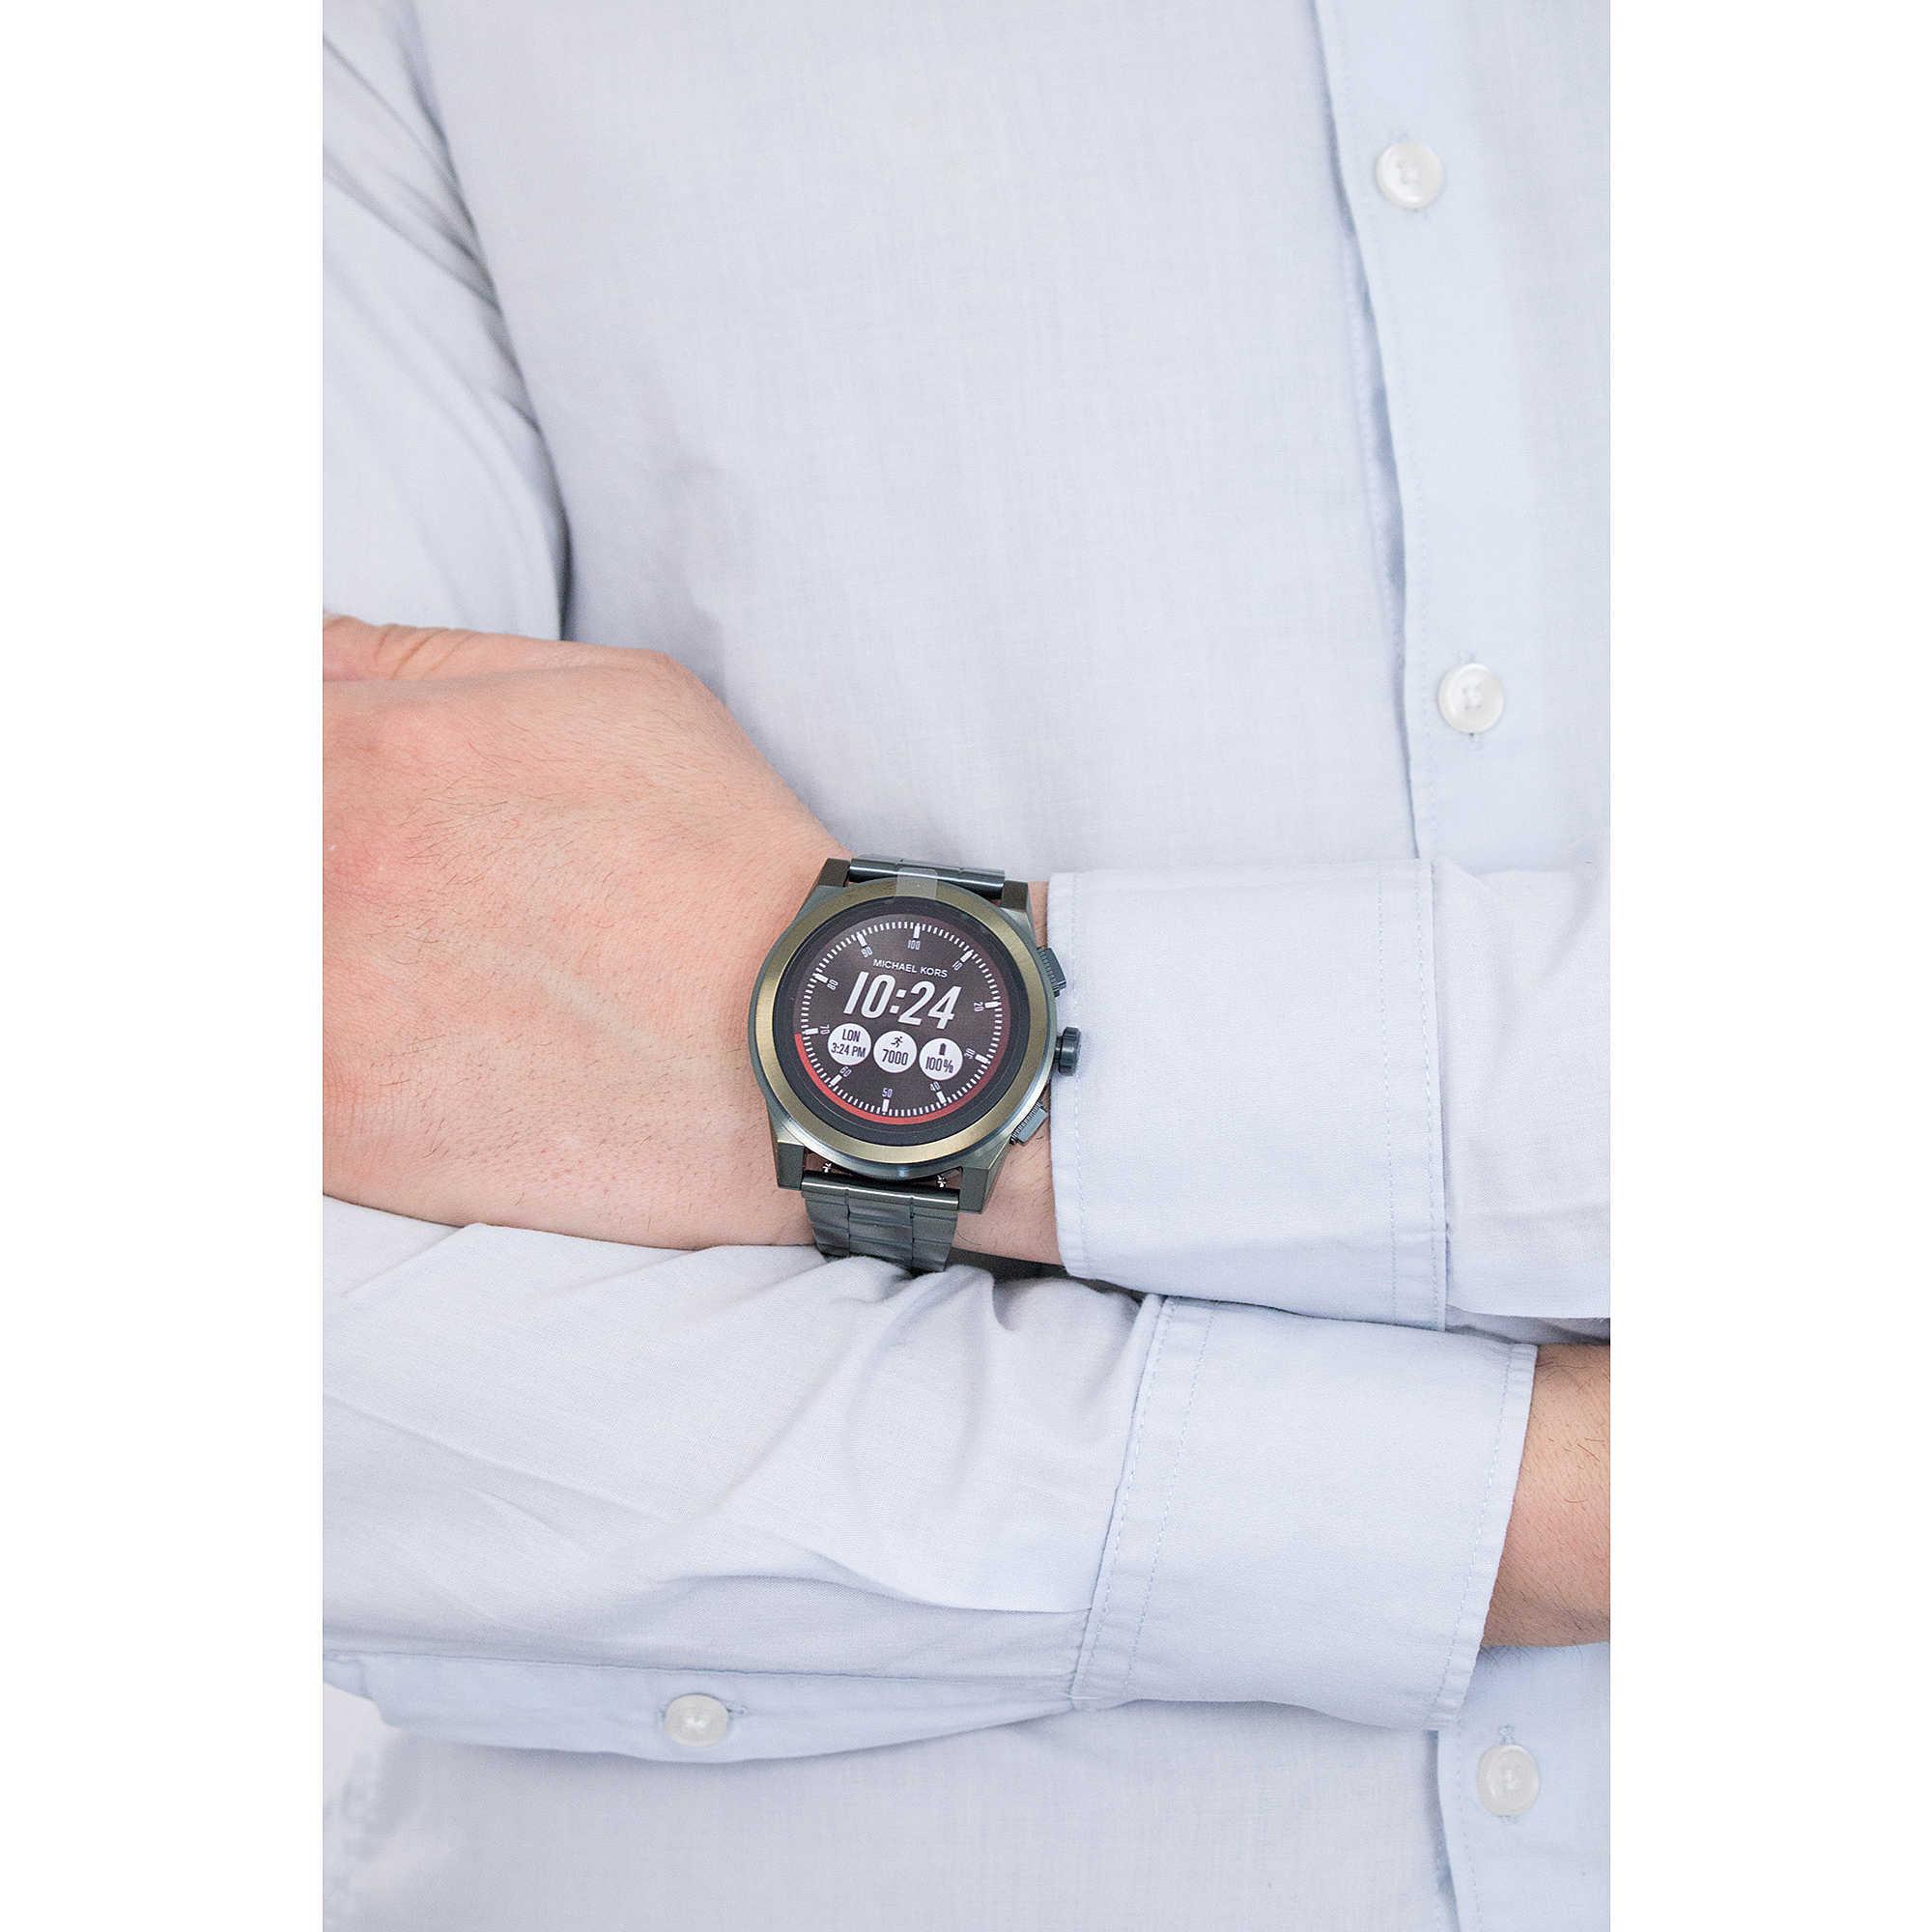 fdf42a5bee7a watch Smartwatch man Michael Kors Grayson MKT5038 Smartwatches ...